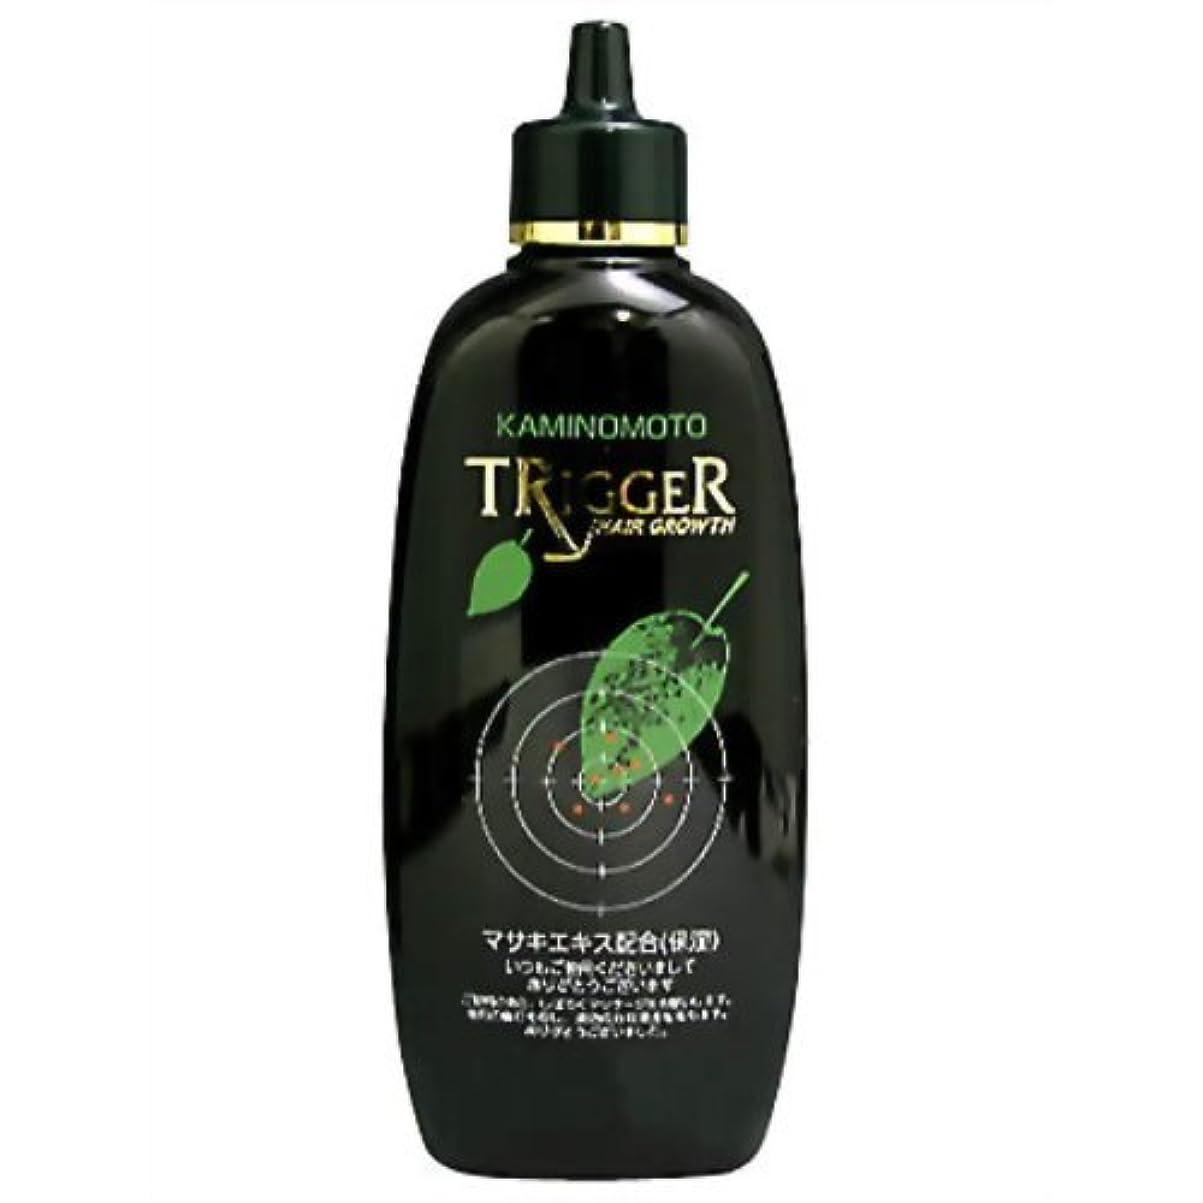 比べるレシピ修正する薬用発毛促進剤 トゥリガー